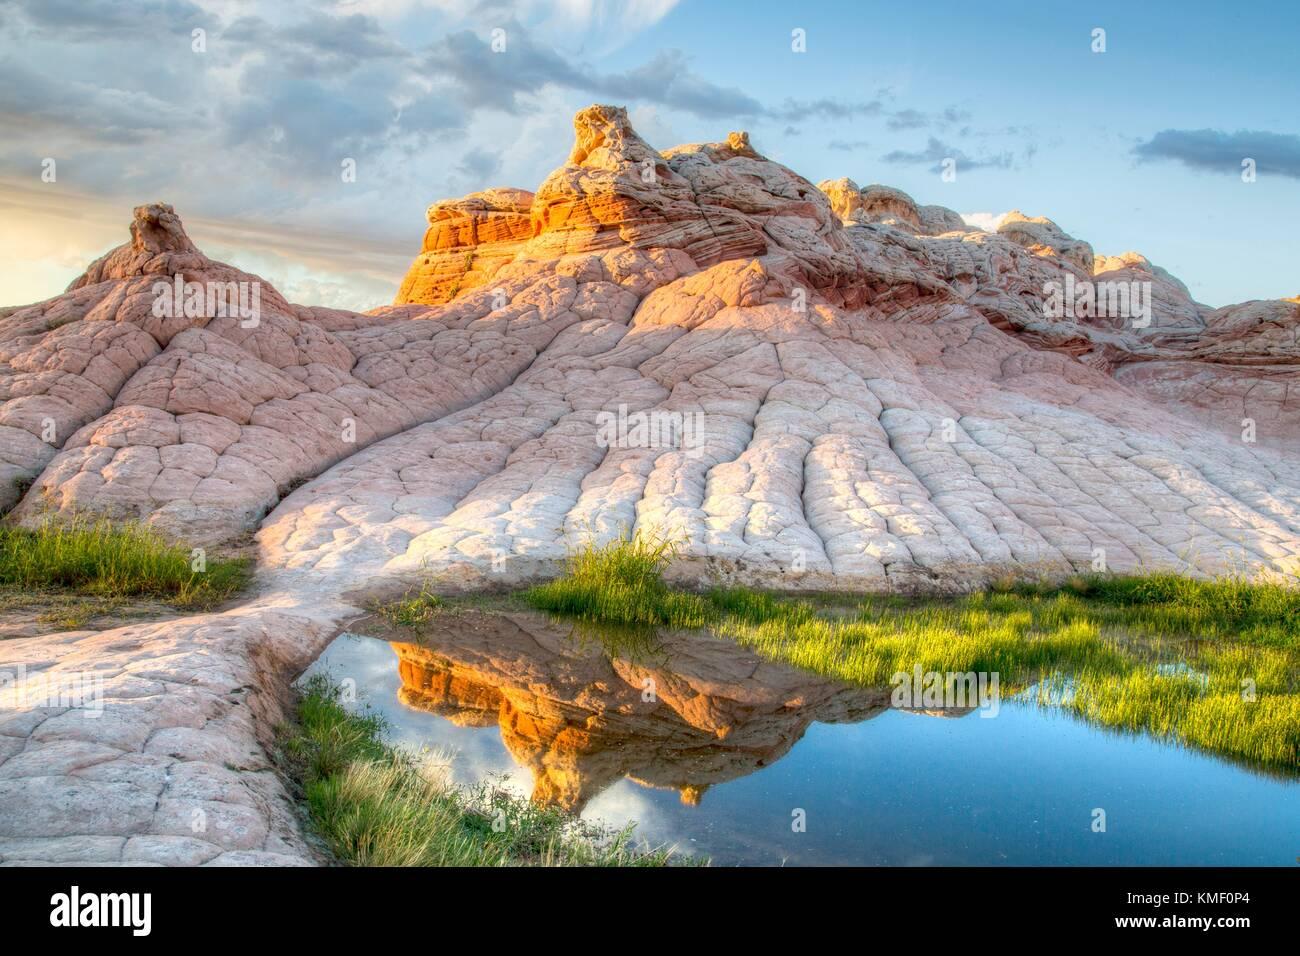 Ein Wasser Pool sitzt vor der weißen und Coral Blumenkohl Gehirn Felsformationen, die die White Pocket Monolith Stockfoto